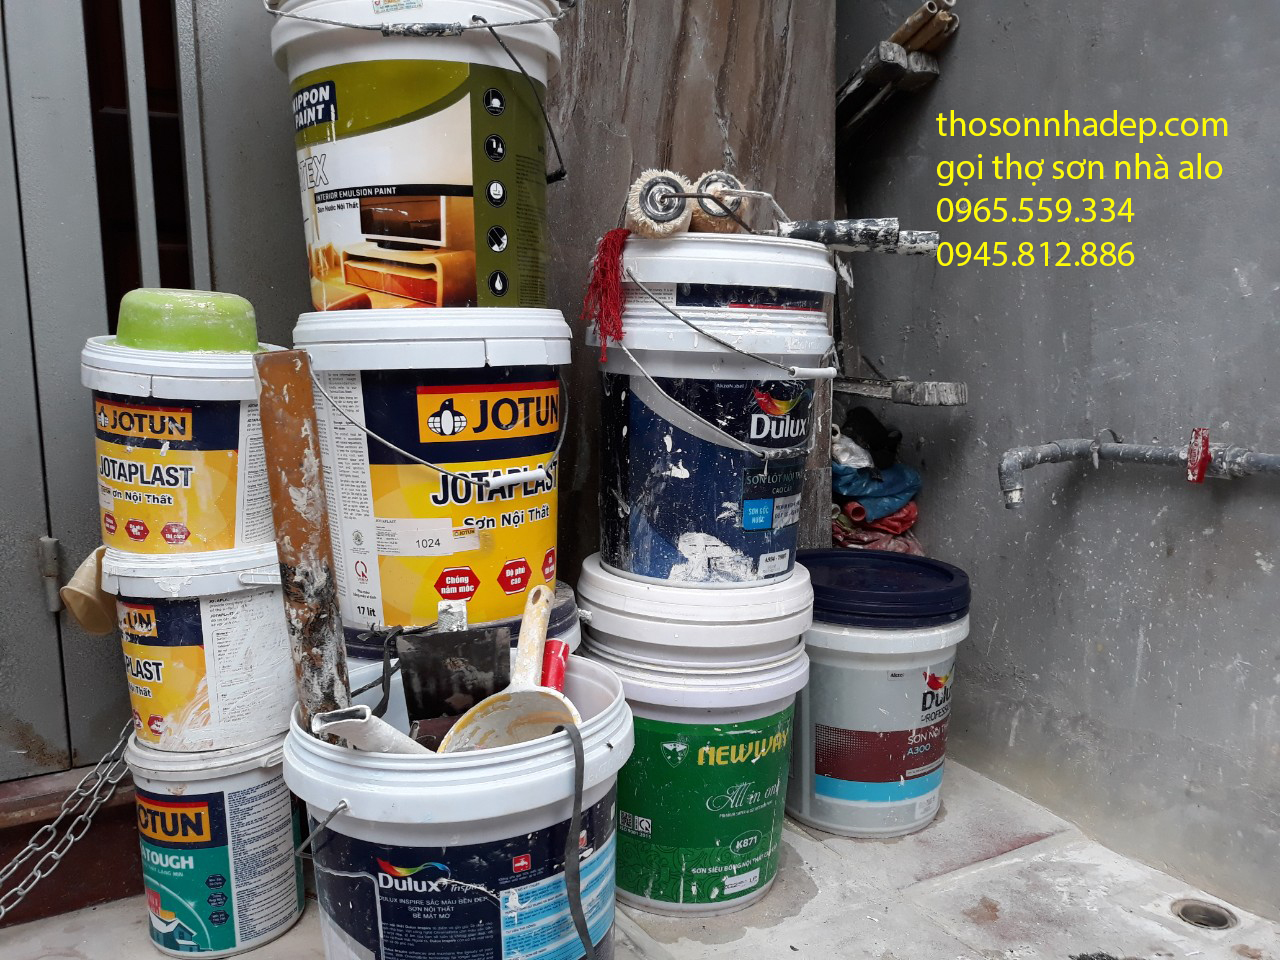 sơn nhà mới hết bao nhiêu tiền